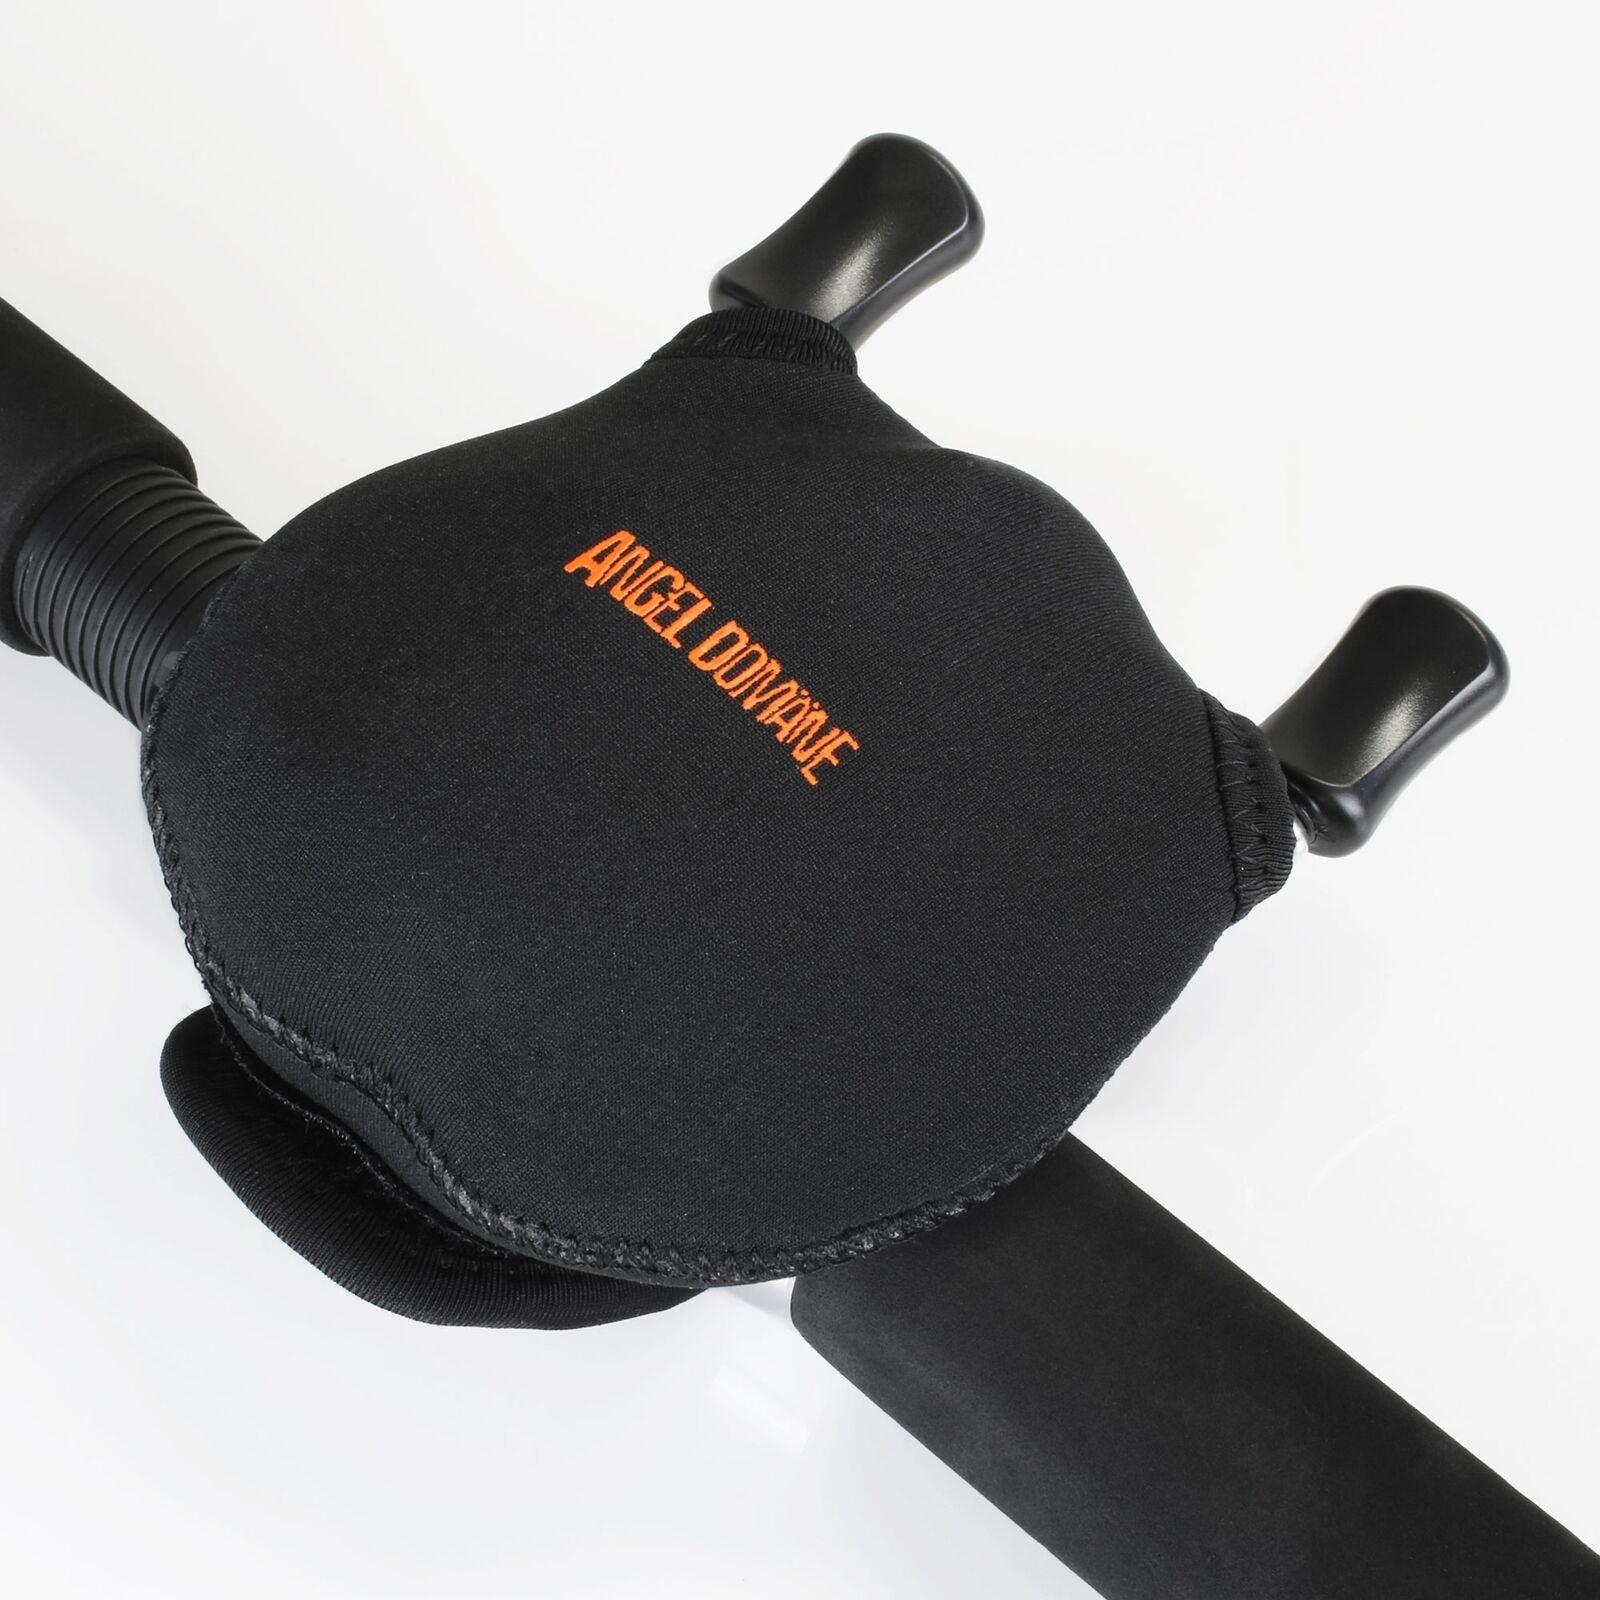 Neopren Baitcast Rollentasche Reel Case für Low Profile Multirollen